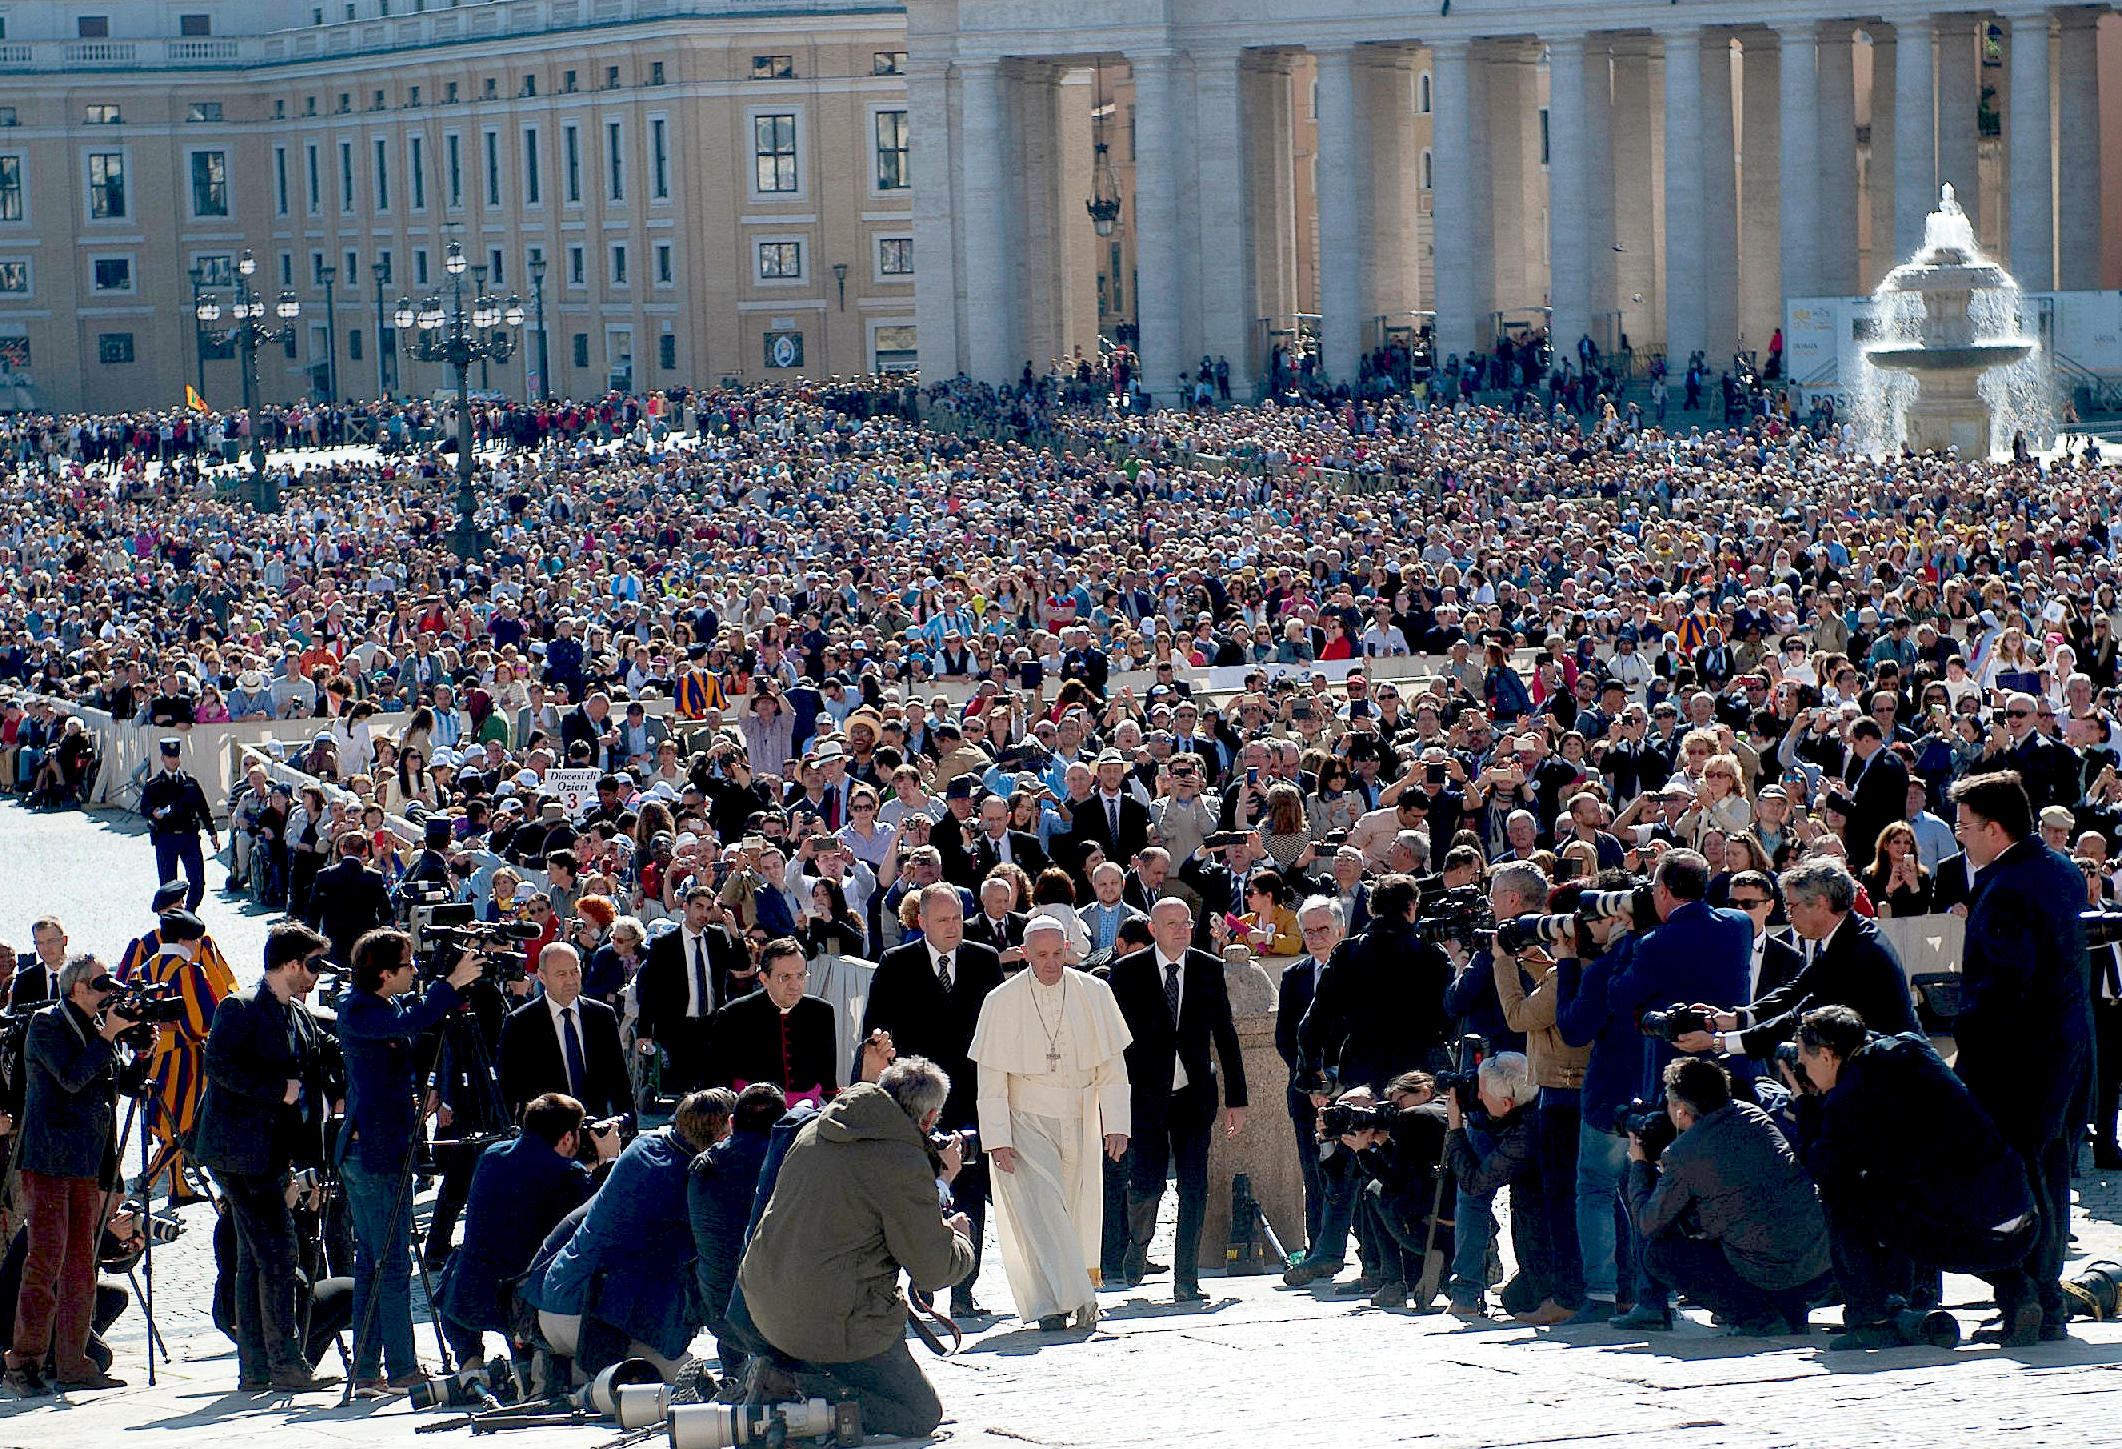 Audiencia del miércoles en la plaza de San Pedro